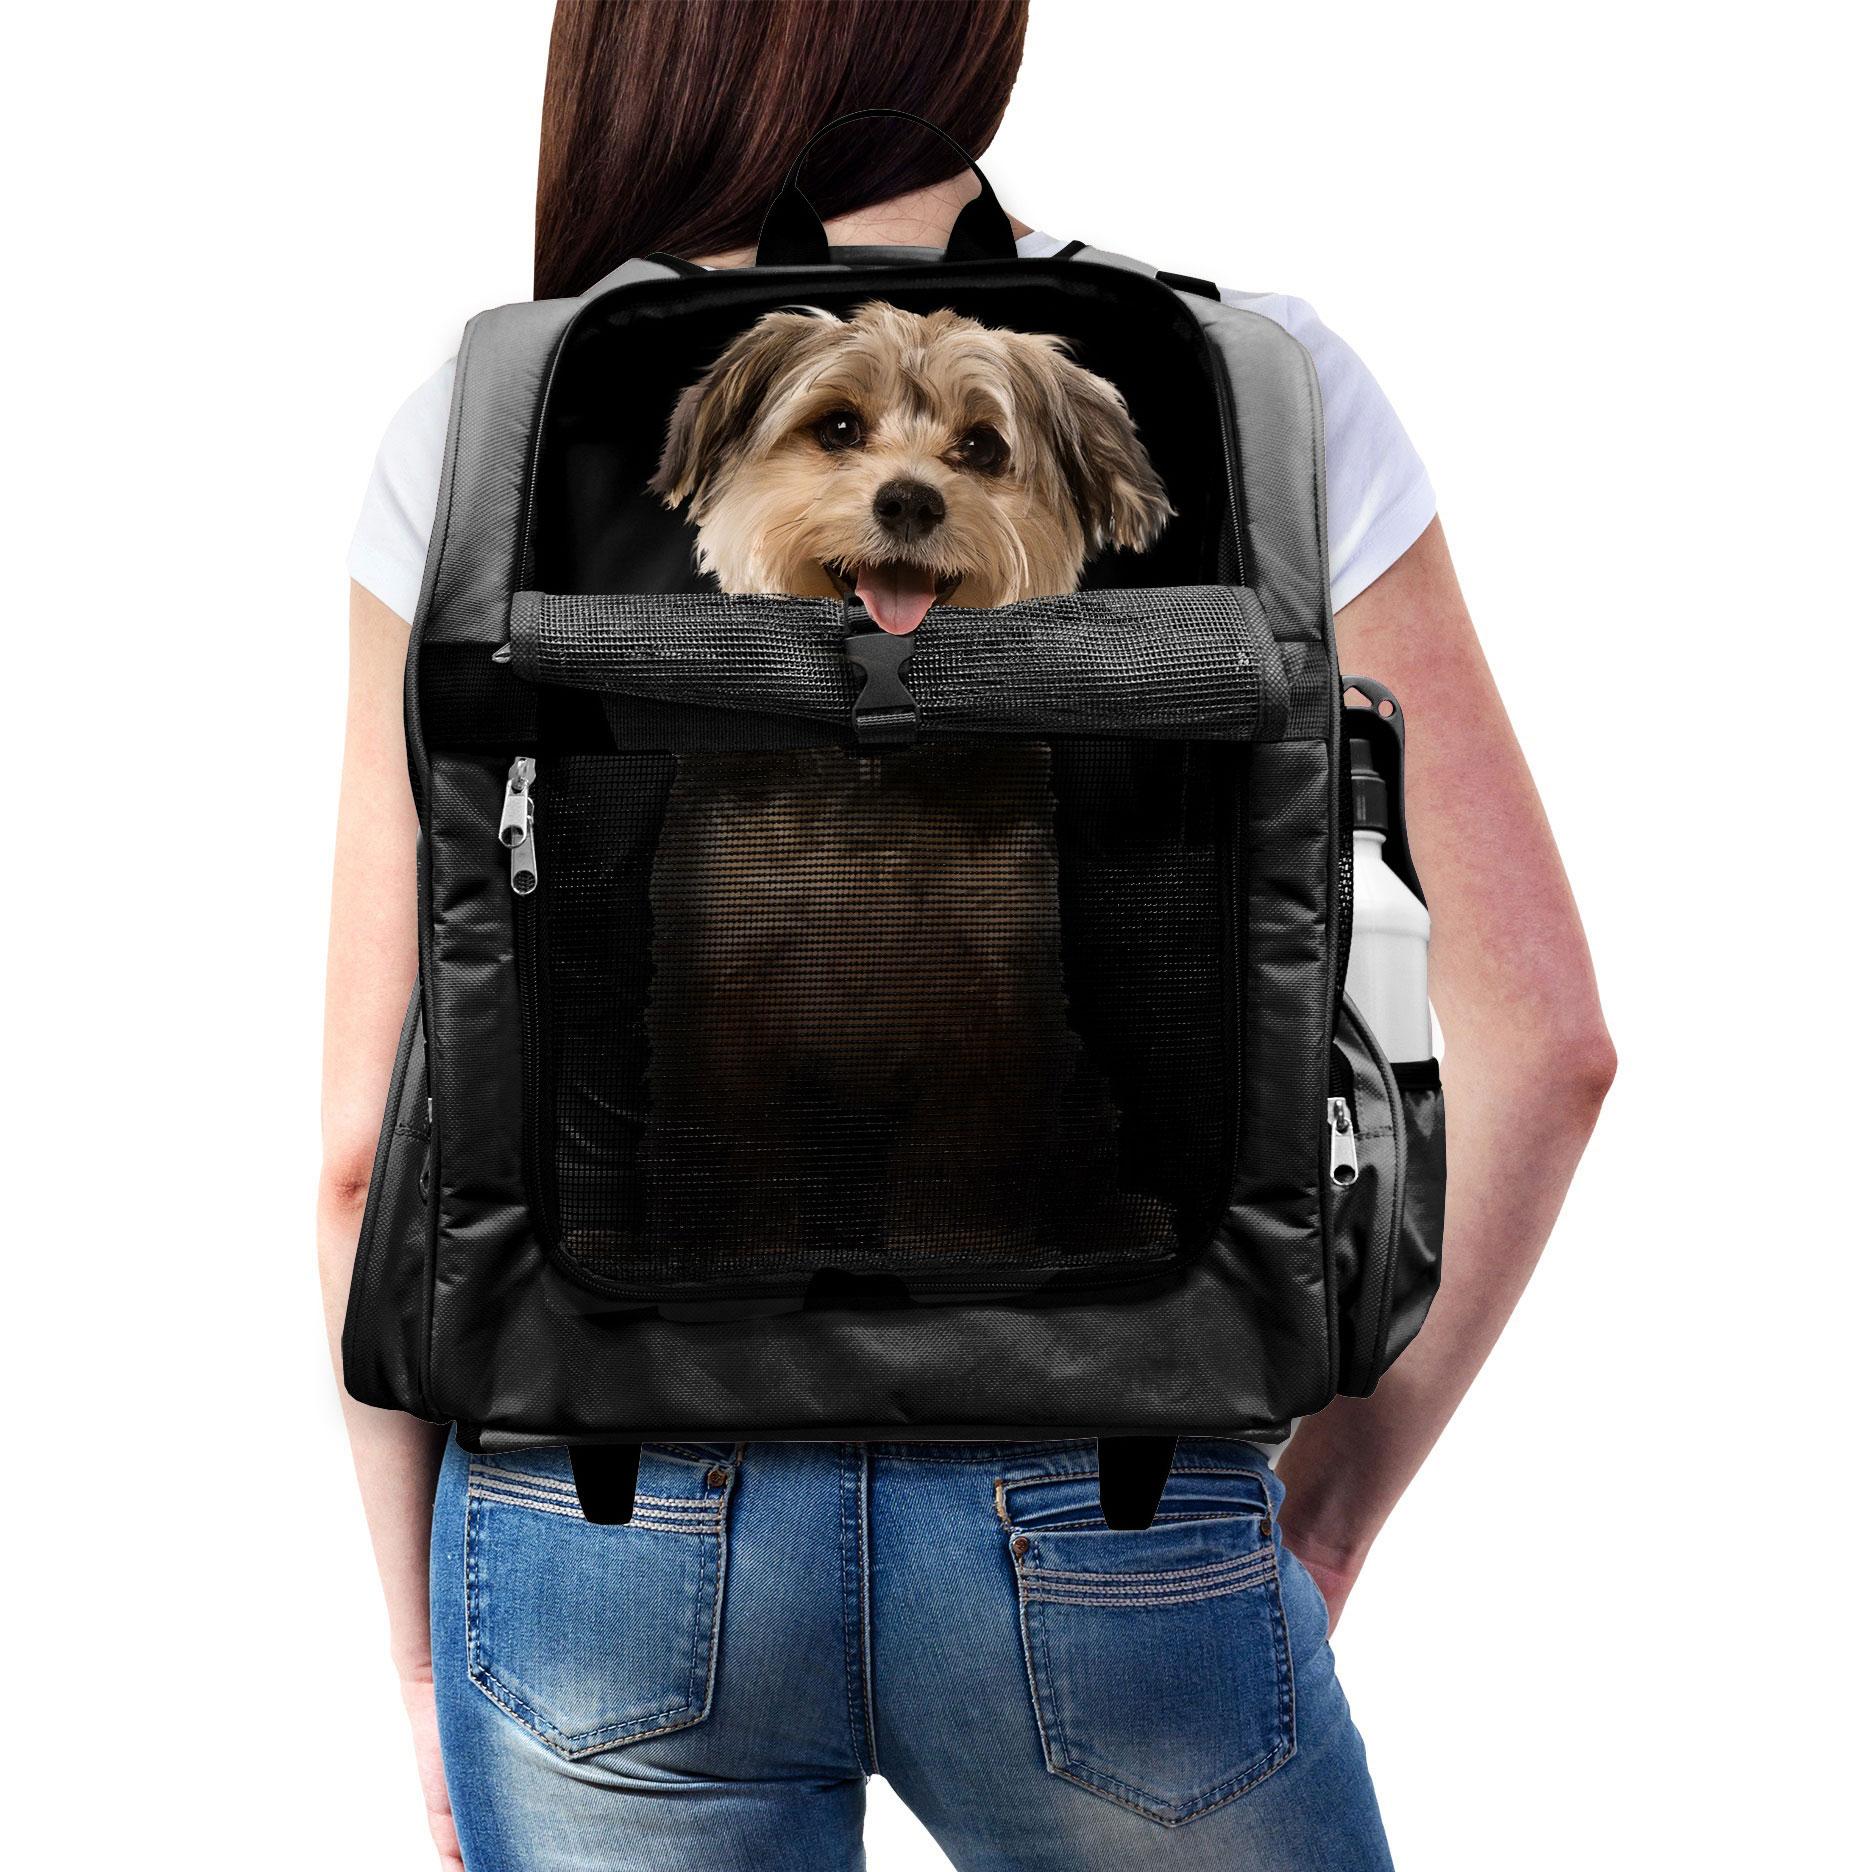 FurHaven Pet Backpack-Roller Carrier Travel Pet Carrier Dog ...